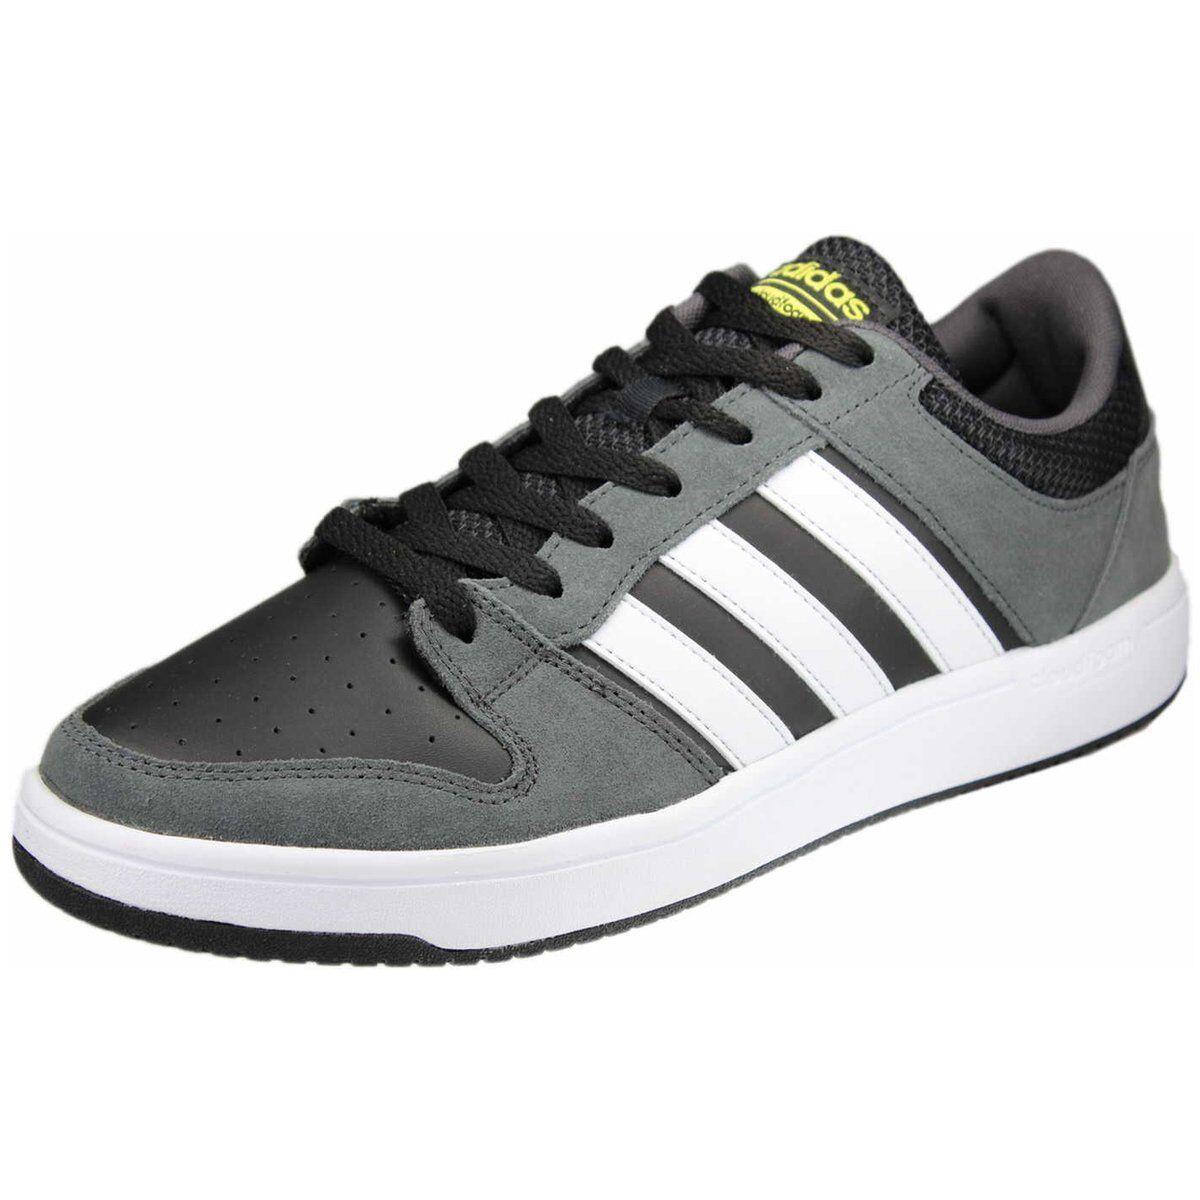 097df38b90 Adidas Core Herren Herren Herren Turnschuhe schwarz-grau-weiss AW3912  Cloudfoam BB Hoops schwarz | | Verbraucher zuerst 34a59a